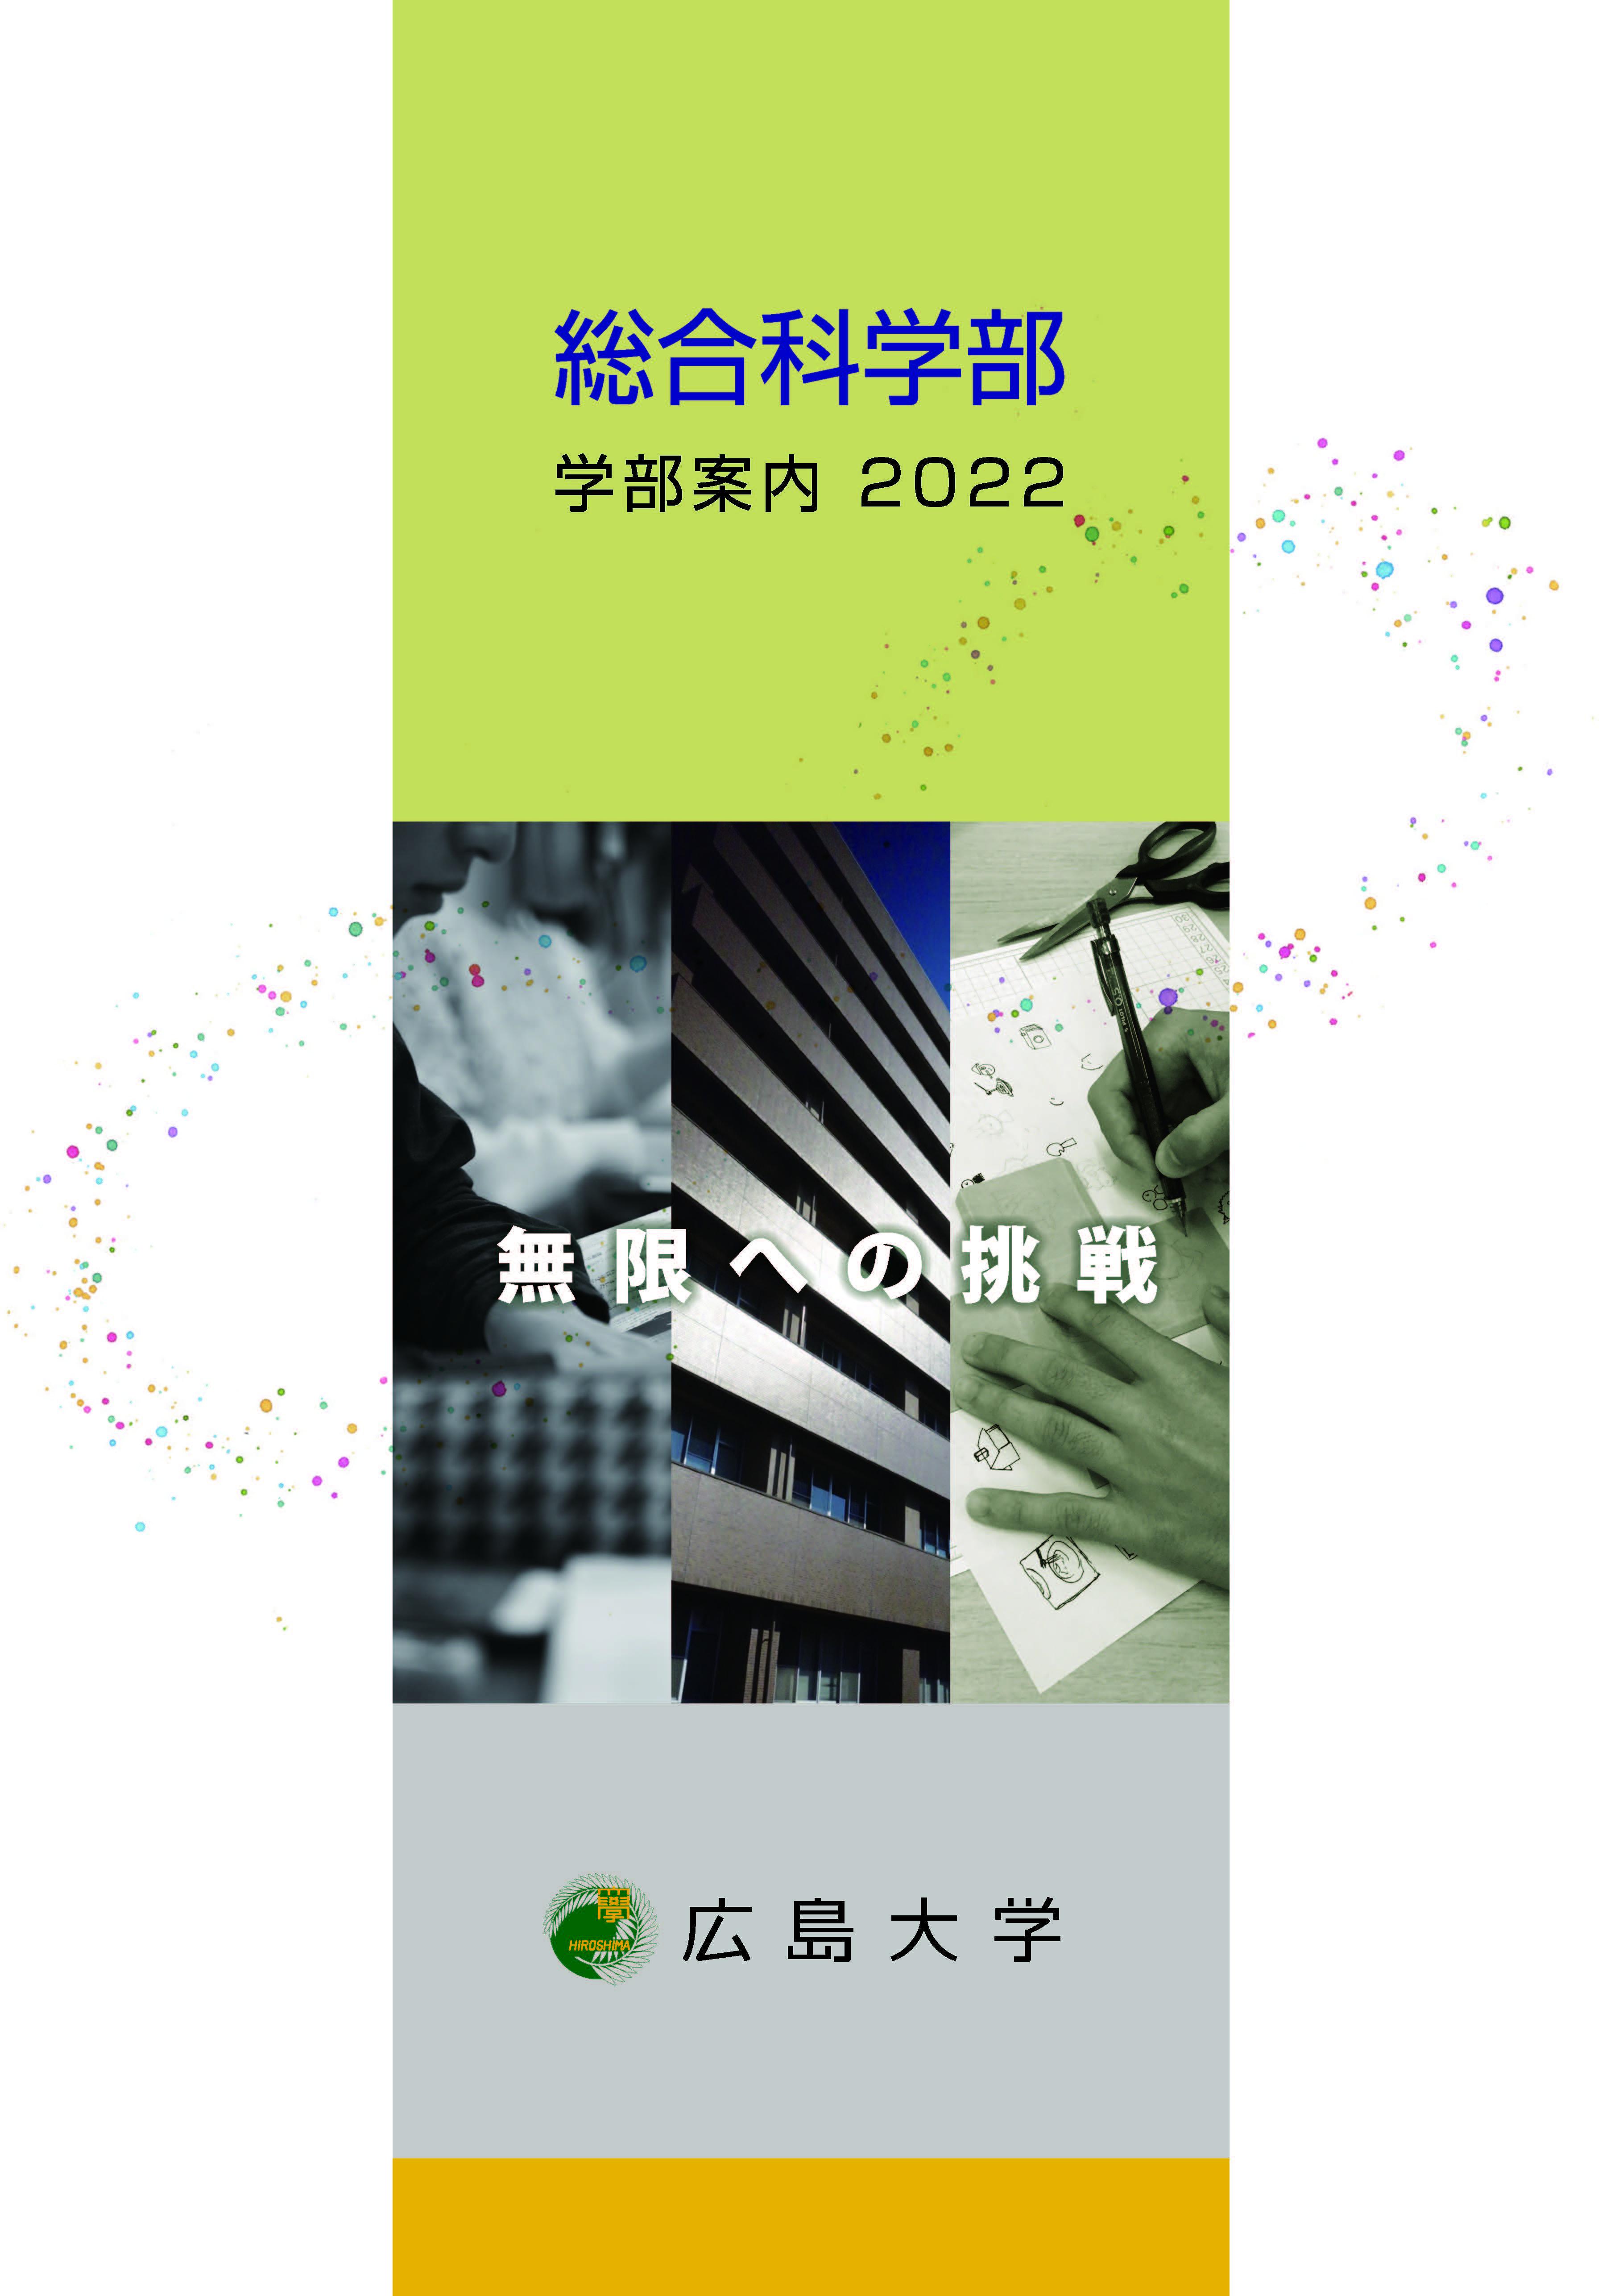 (表紙)「広島大学 総合科学部 学部案内 2022」